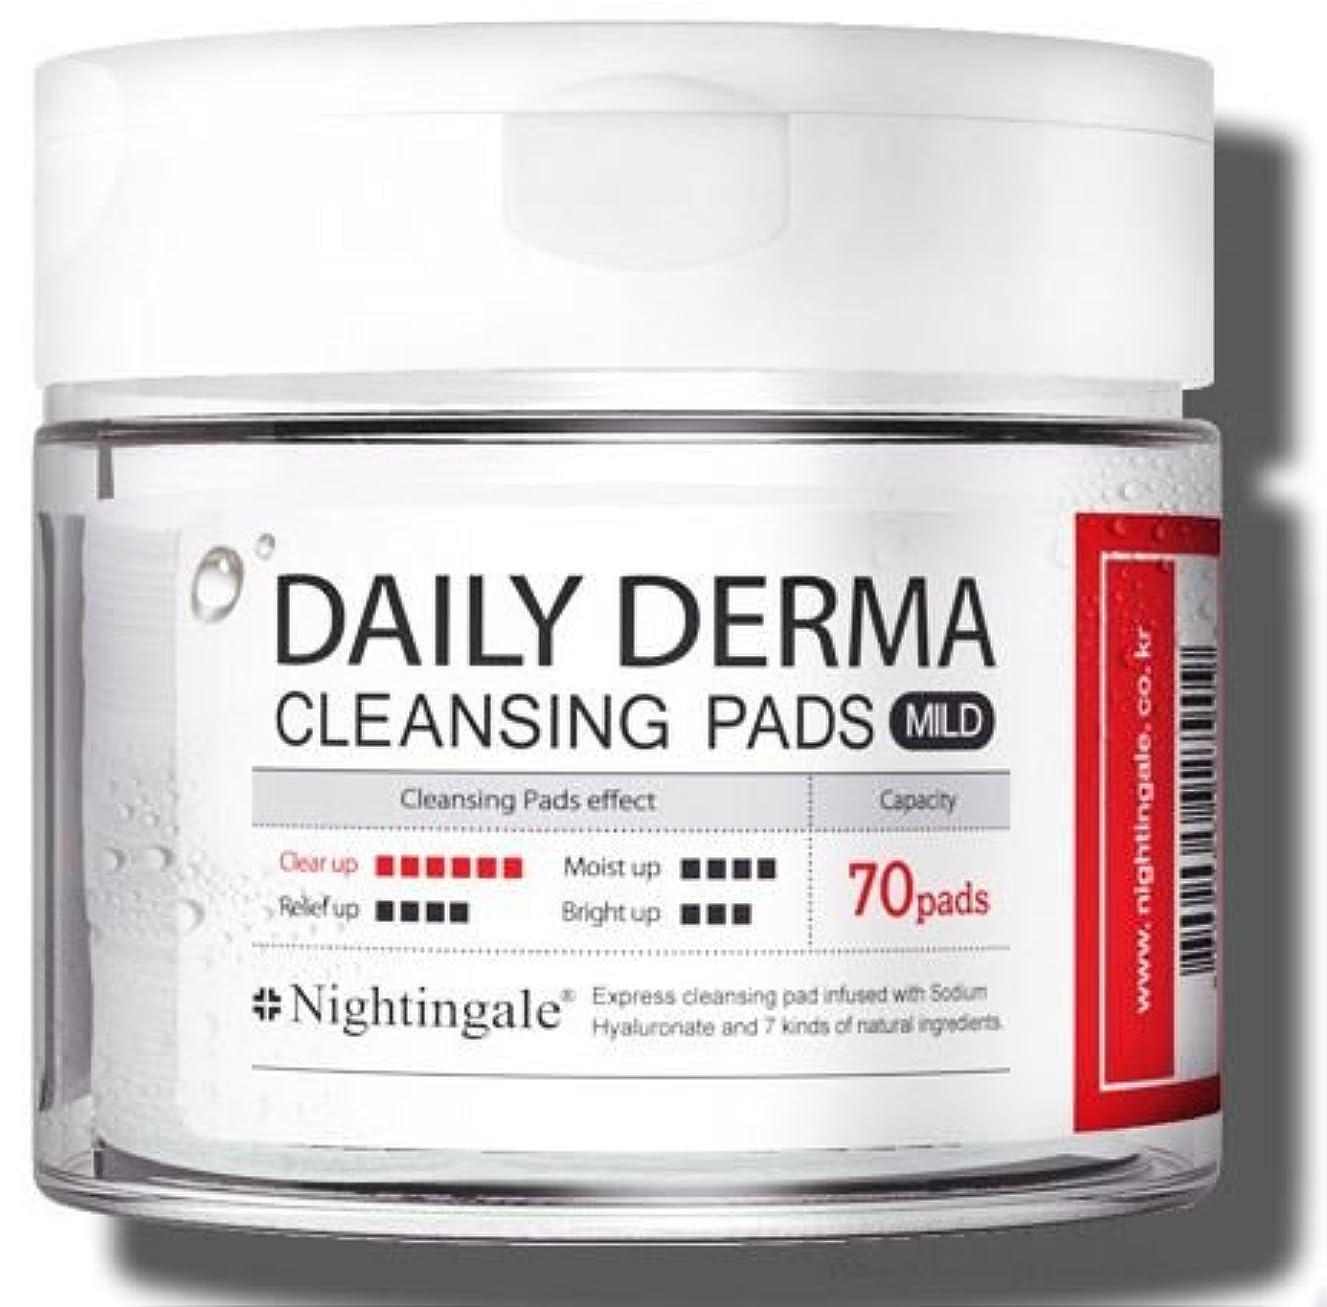 頻繁に違反する栄光Nightingale Daily Derma Cleansing Pads * Mild * 70pads/ナイチンゲール デイリー ダーマ クレンジング パッド * マイルド * 70枚入り [並行輸入品]